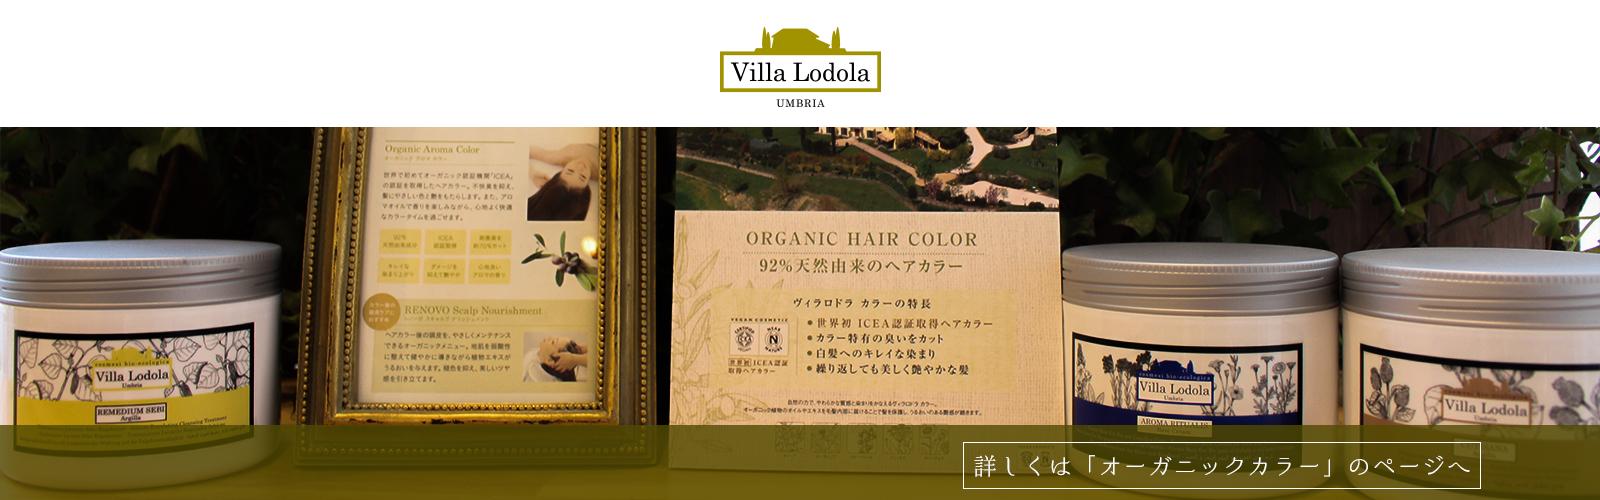 天然由来のヘアカラー「Villa Lodola」を使用しております